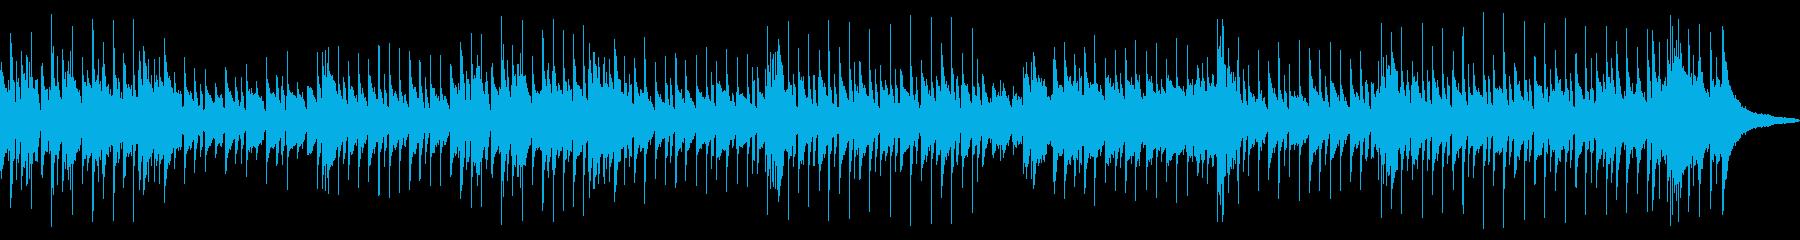 カントリー、フォーク、バラードスタイルの再生済みの波形